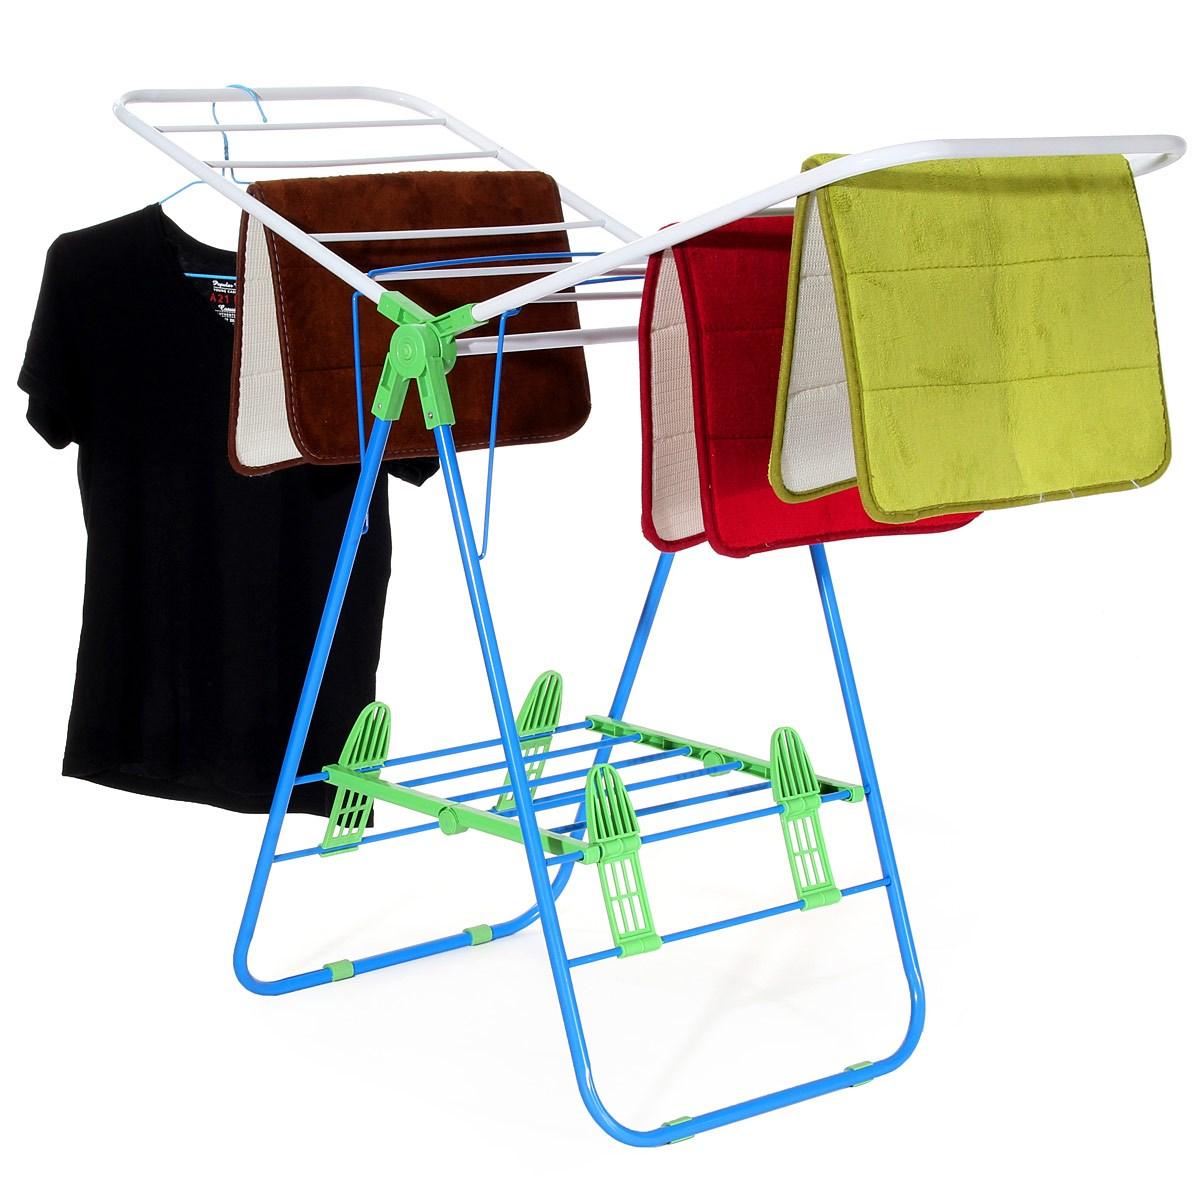 Compra ropa plegables tendedero online al por mayor de - Tendedero de jardin ...